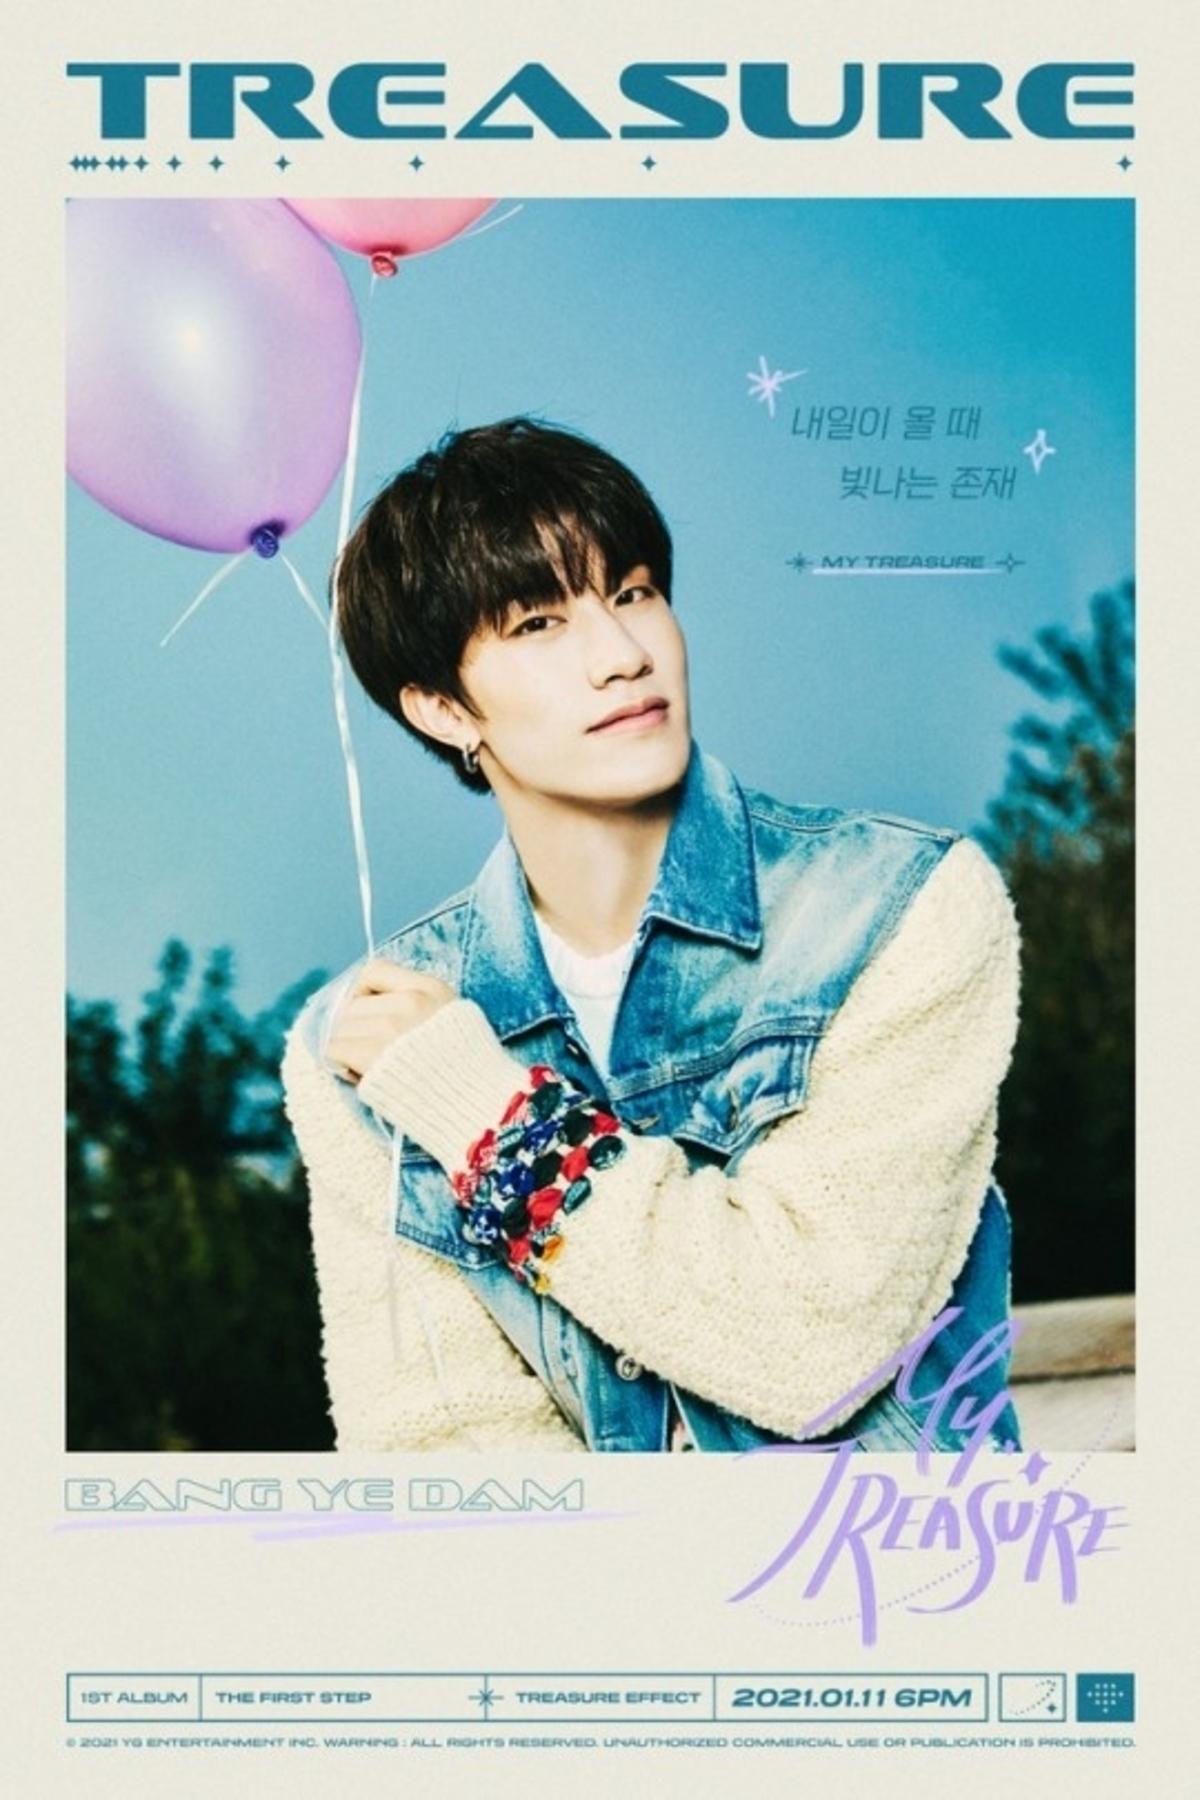 TREASURE バン・イェダム&ヨシ&ハルト、タイトル曲「MY TREASURE」リリックポスターを公開 - Kstyle